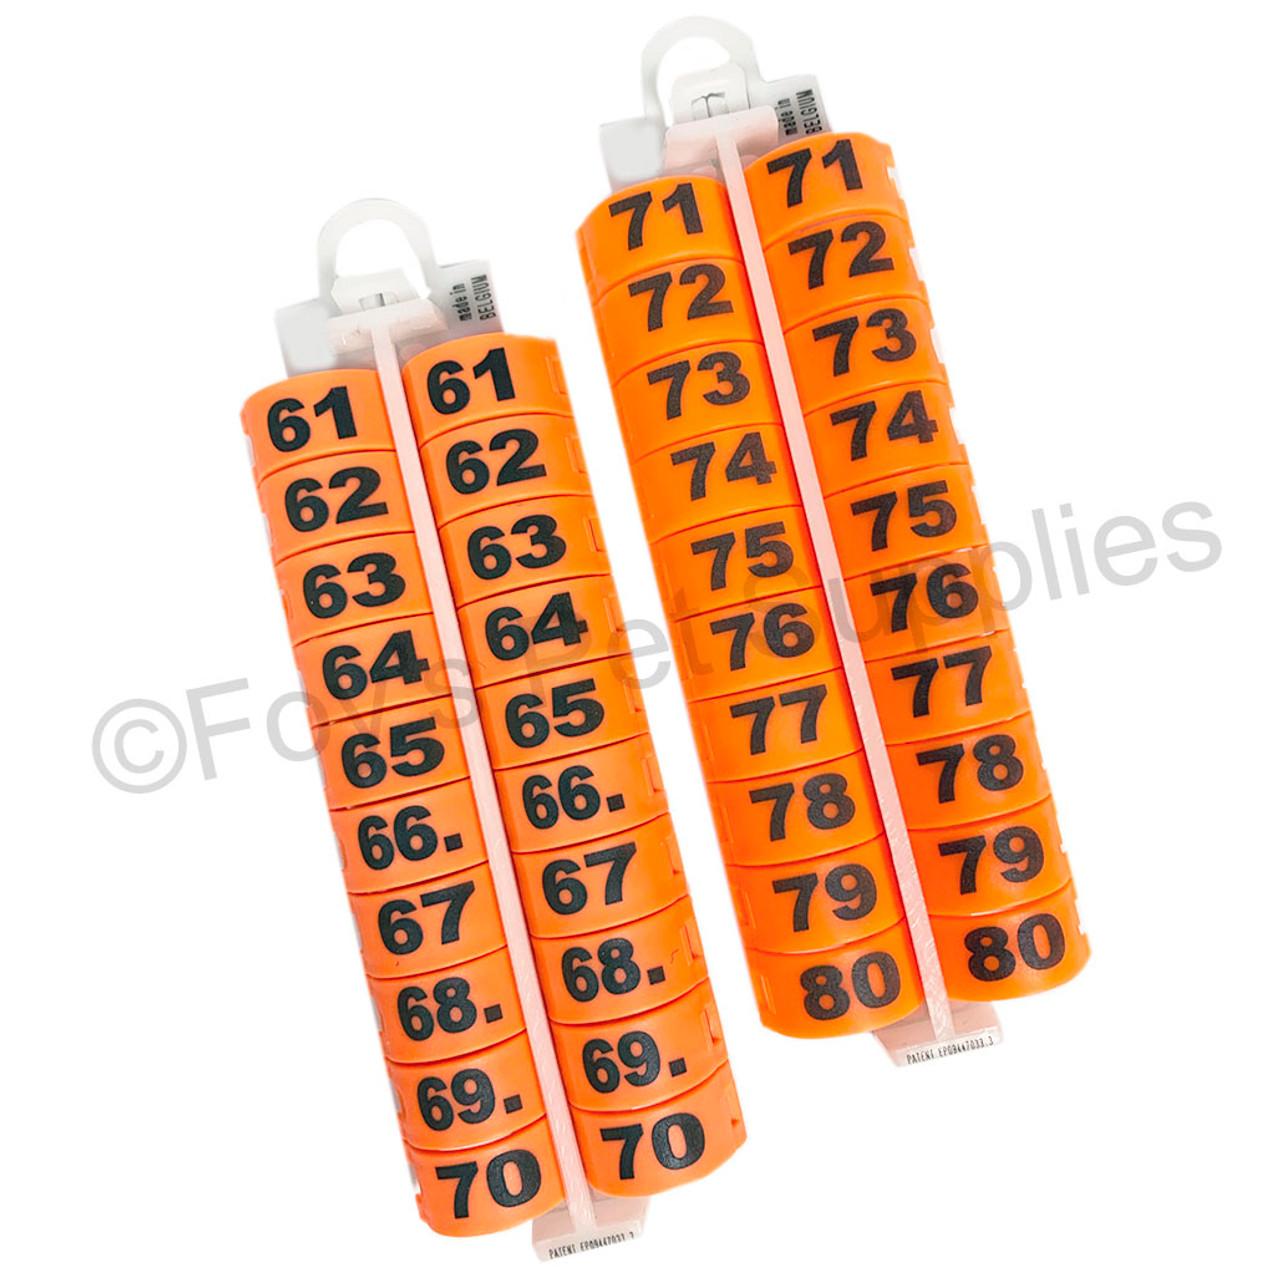 E-Z LOCKRINGS W/ NUMBERS 61 - 80 (14 MM)